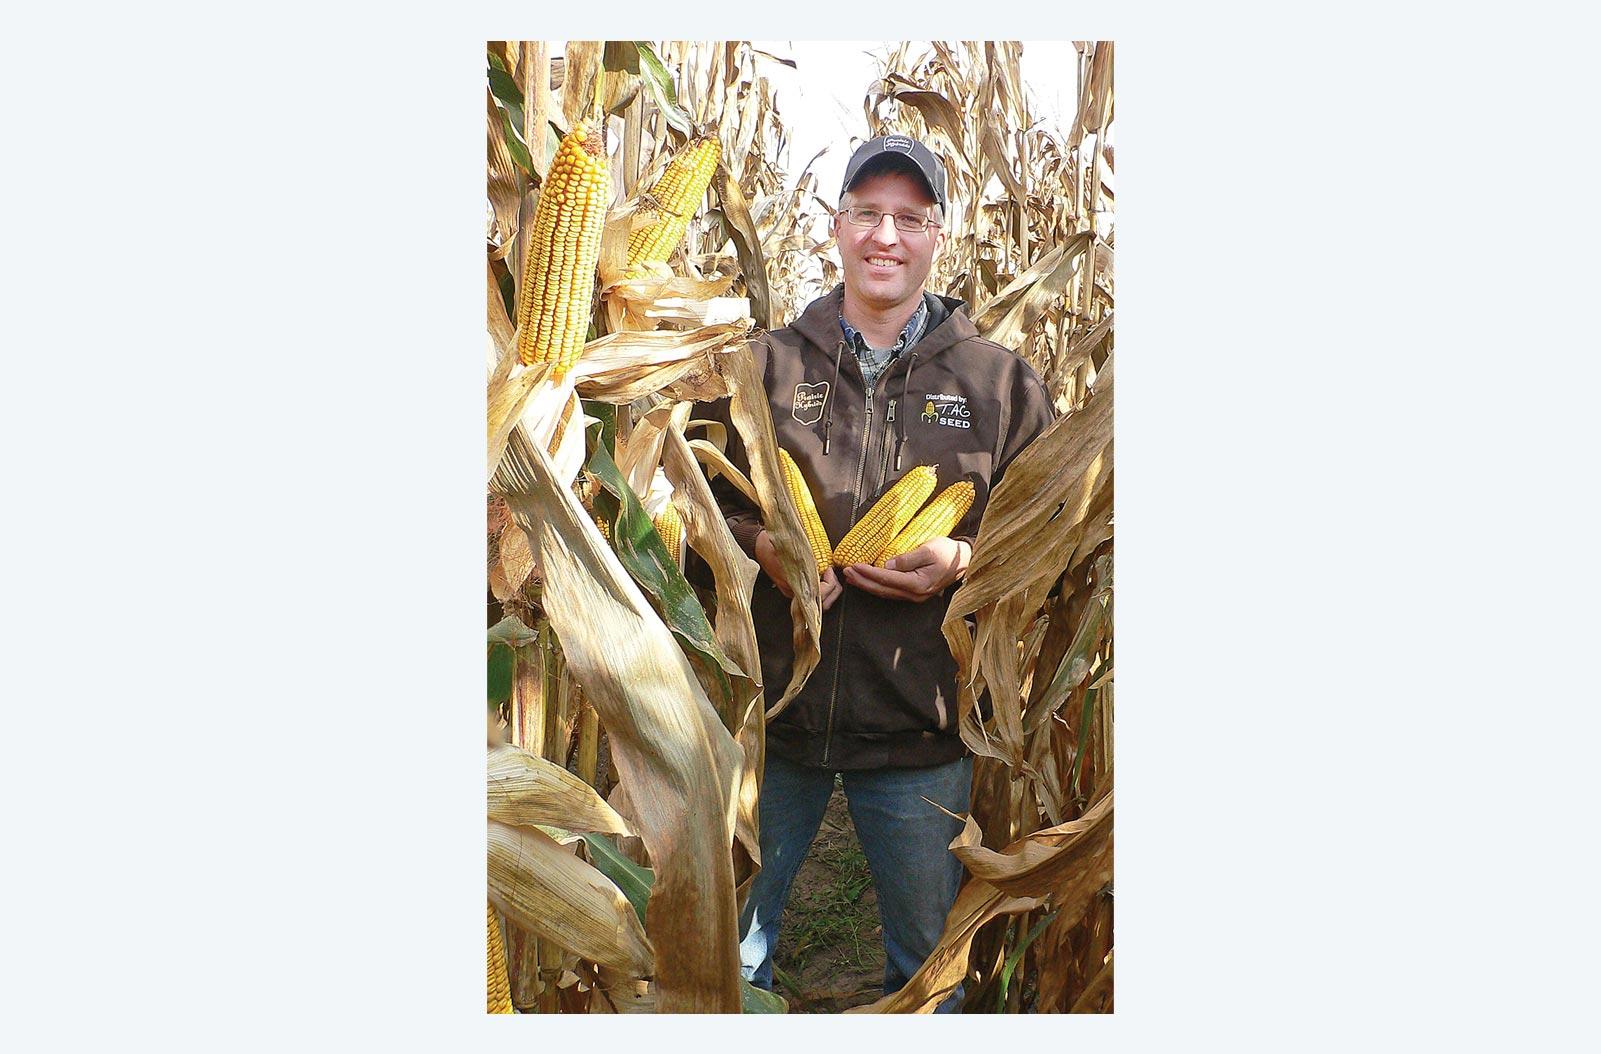 Kevin Tart non-gmo farmer